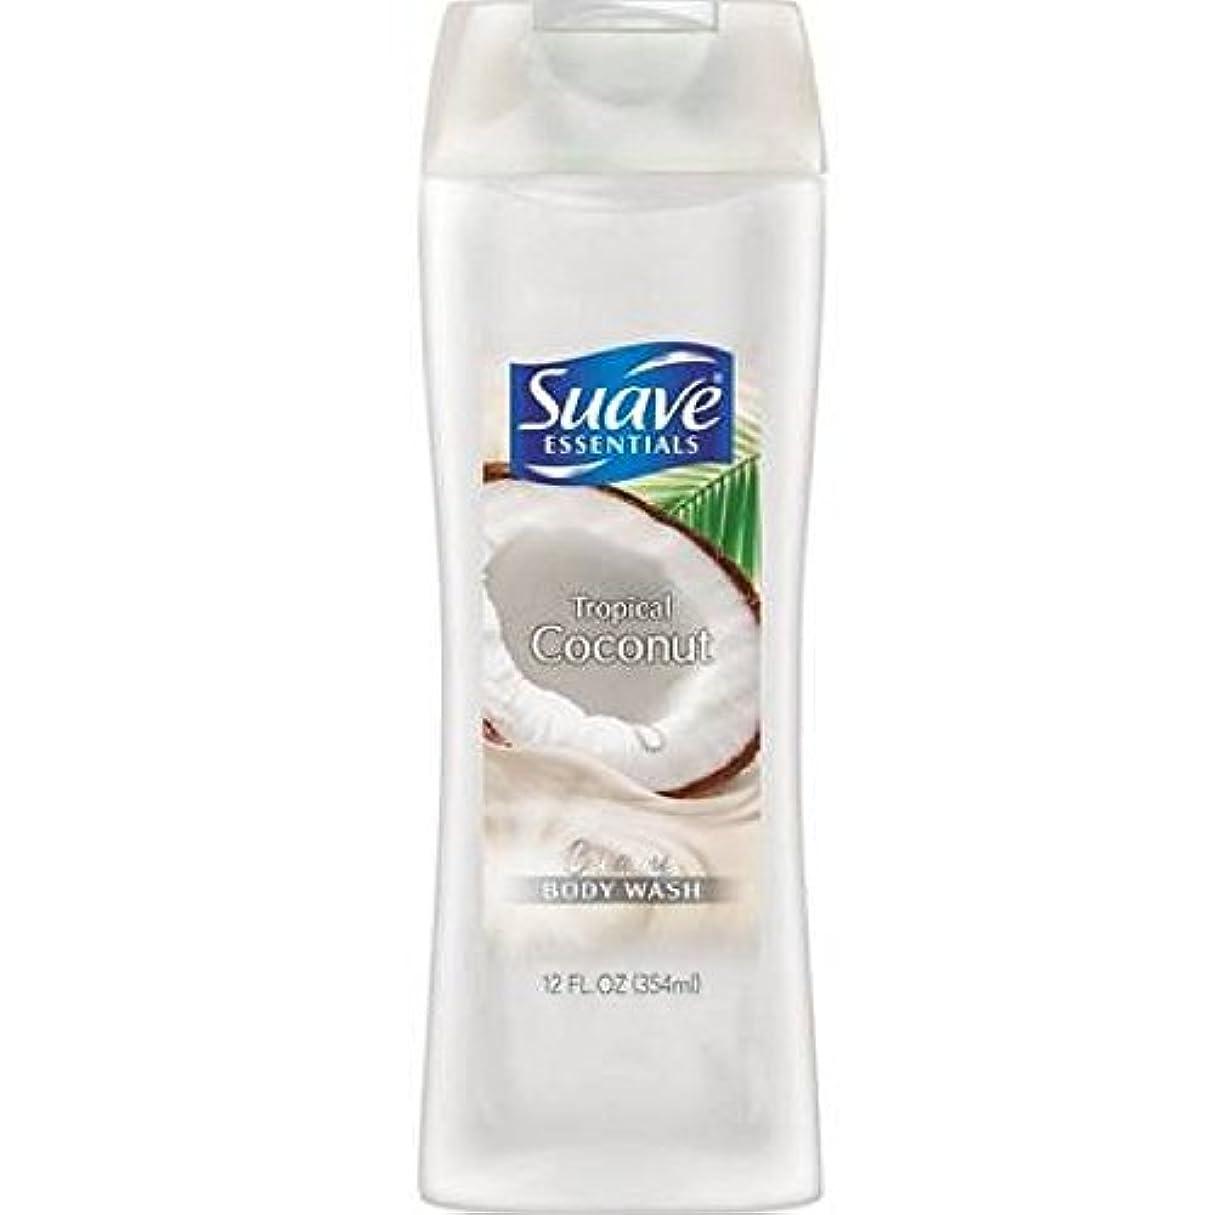 答え鋭く黒Suave Naturals Body Wash - Tropical Coconut - 12 oz - 2 pk by Suave [並行輸入品]